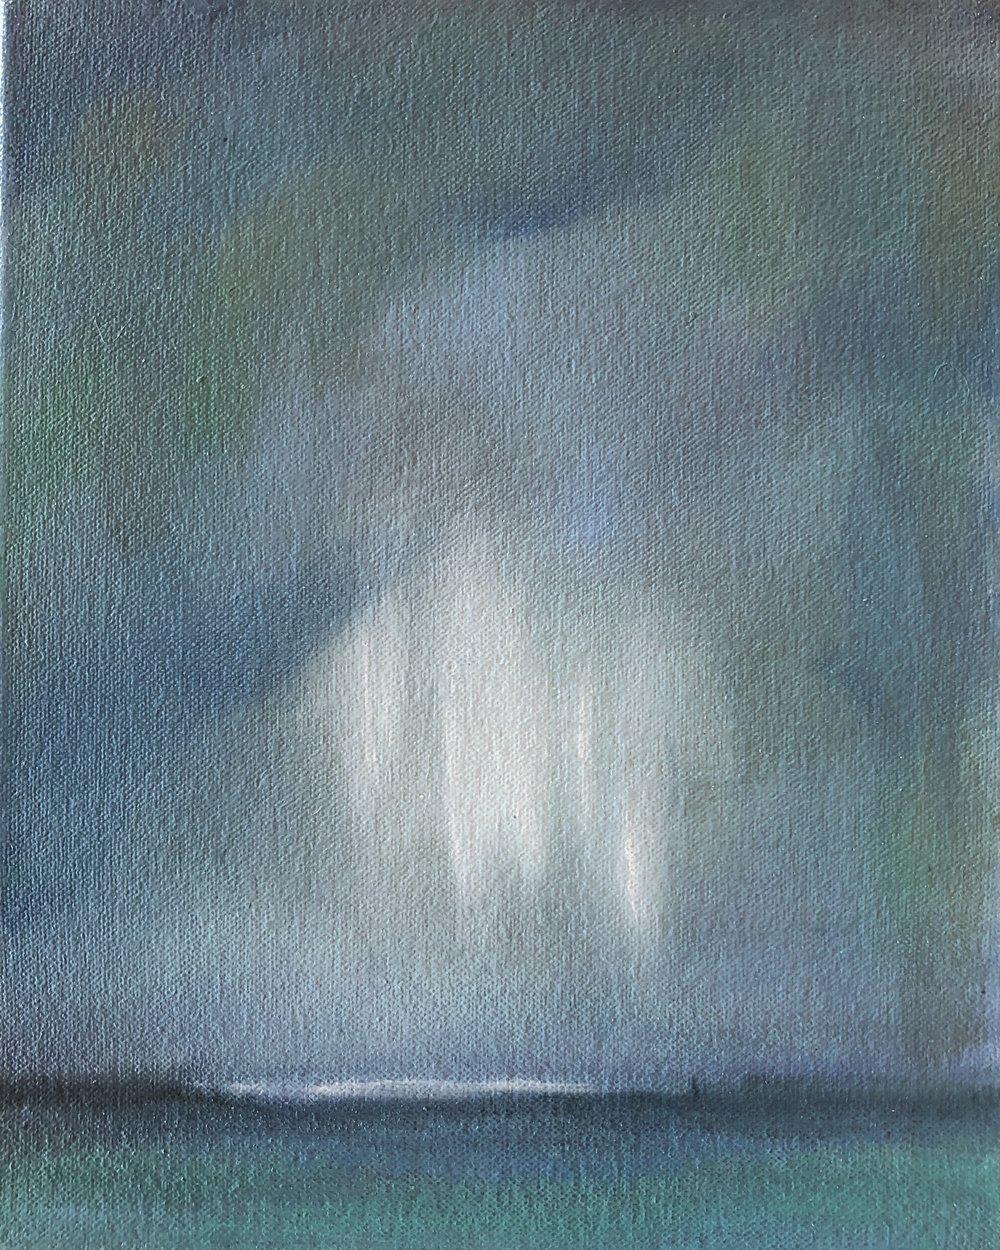 Heaven's Rain I, 2015